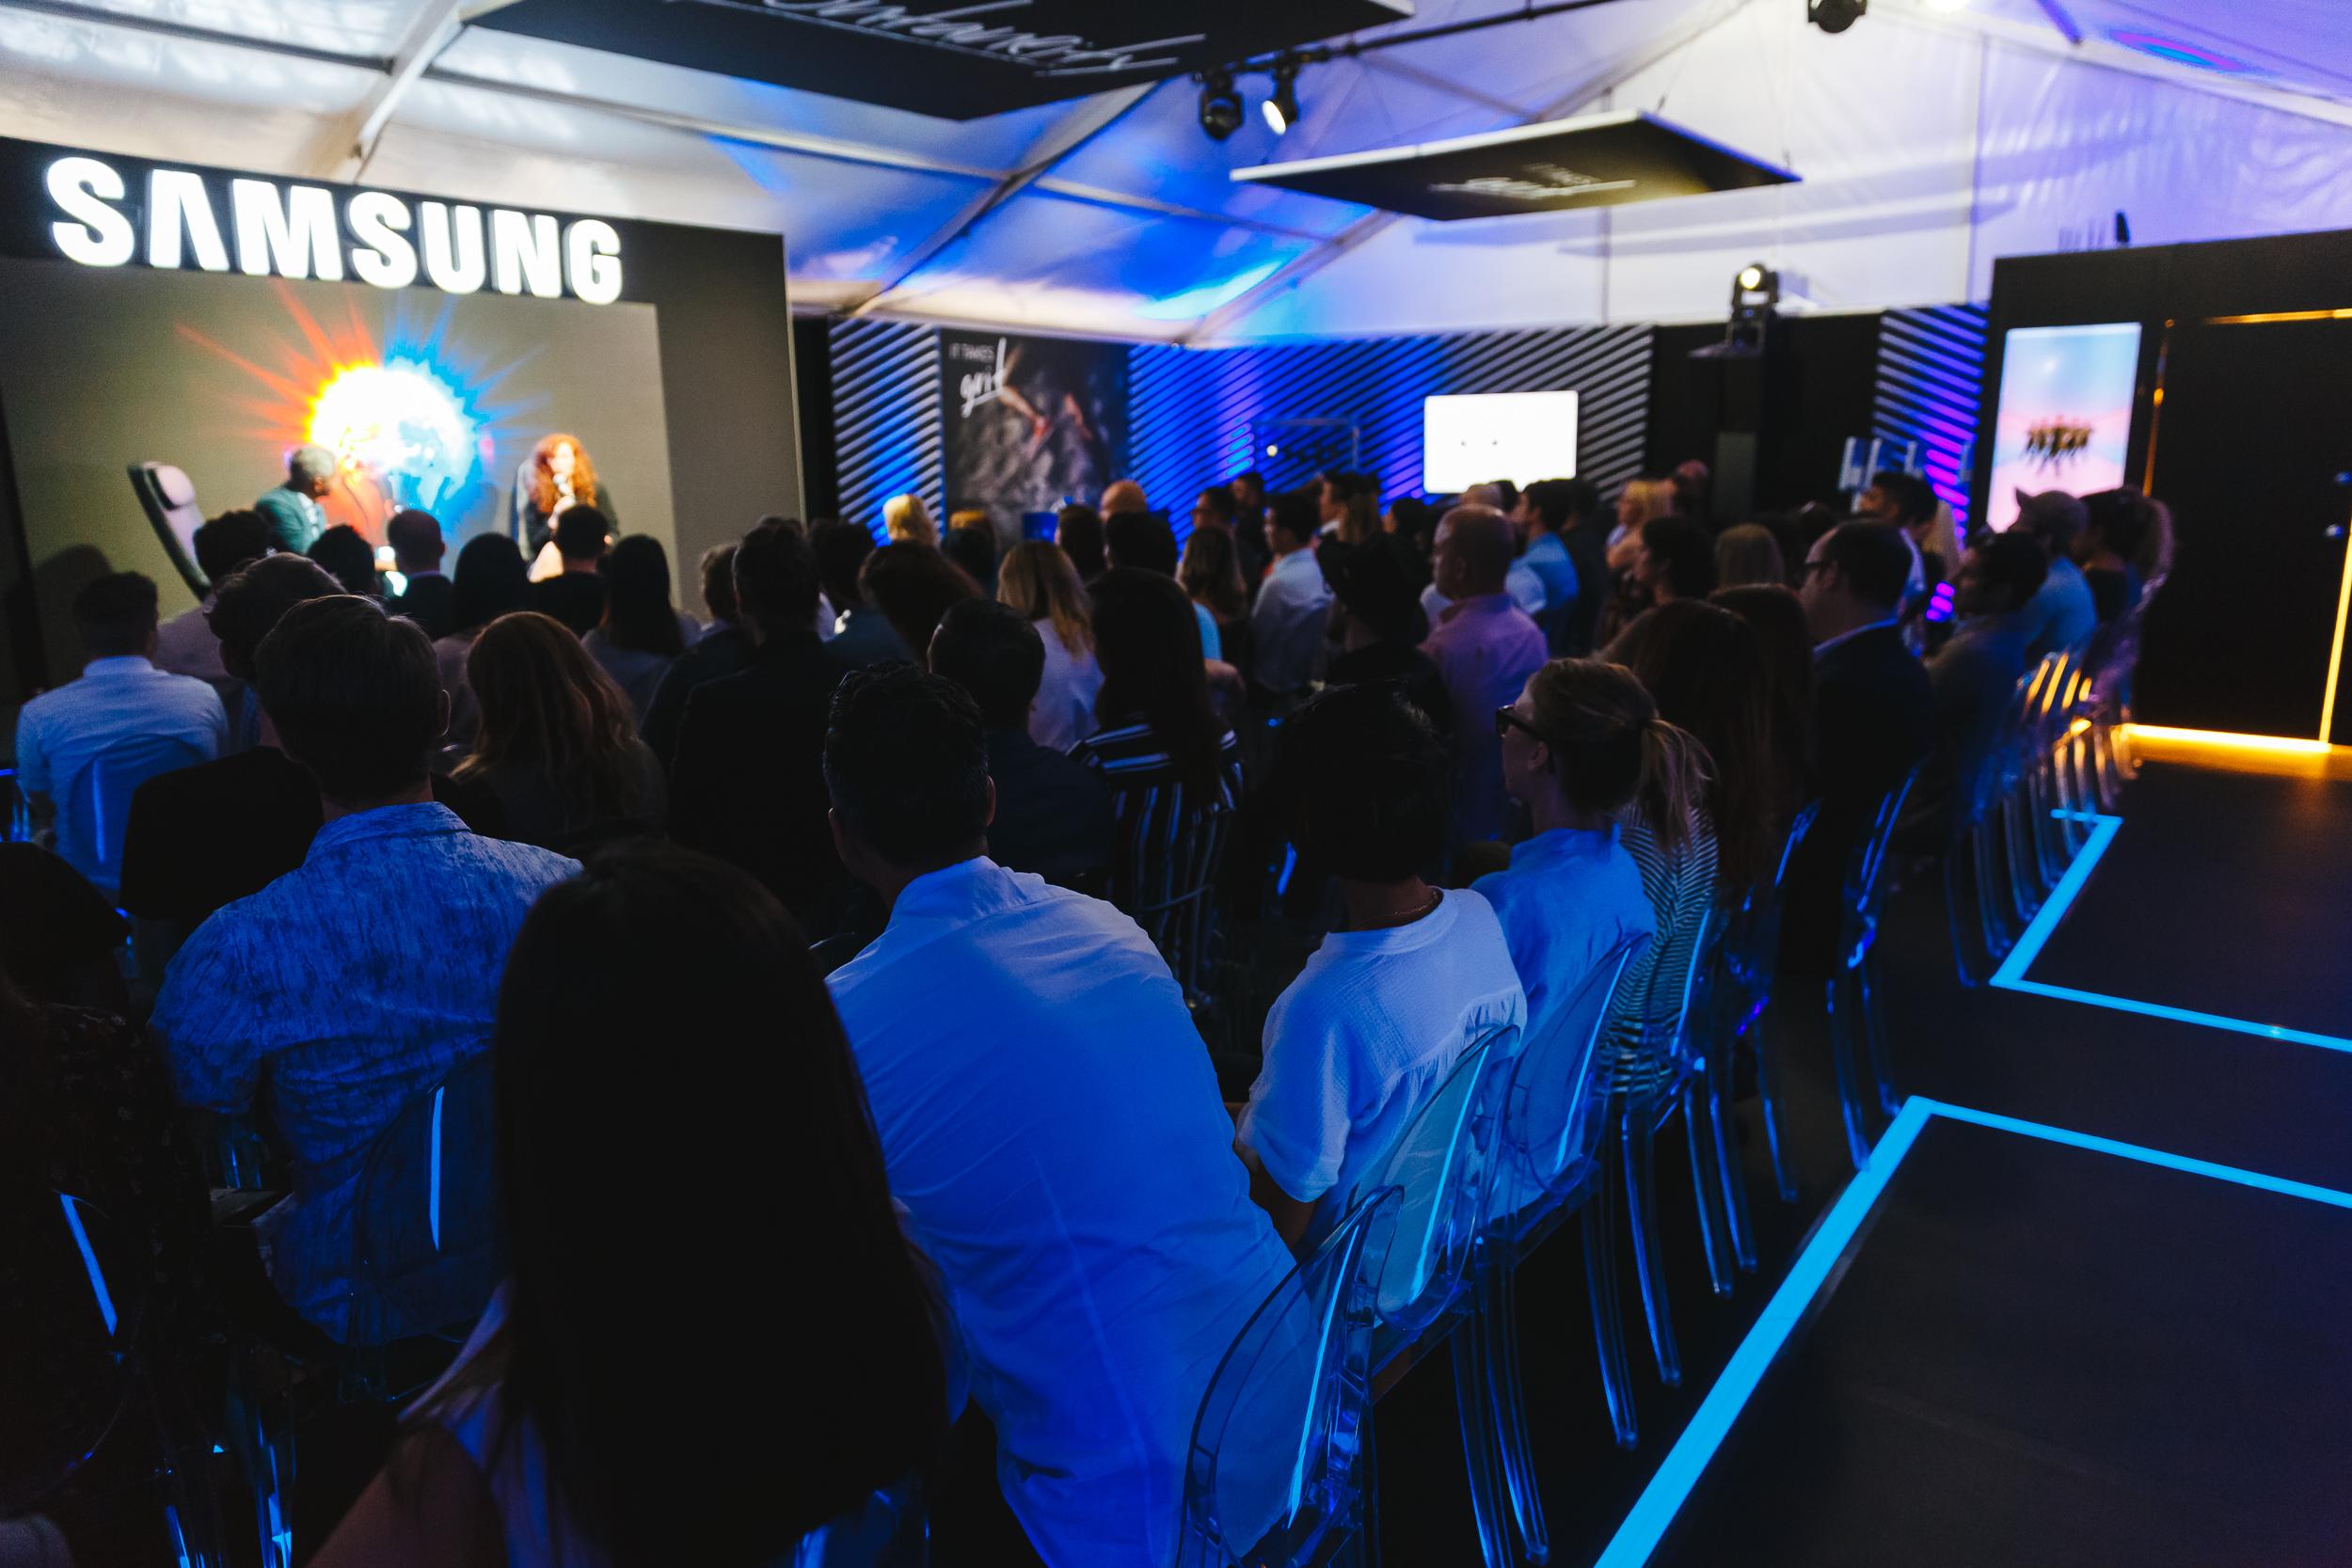 Samsung-Galaxy-Life-photo12.jpg